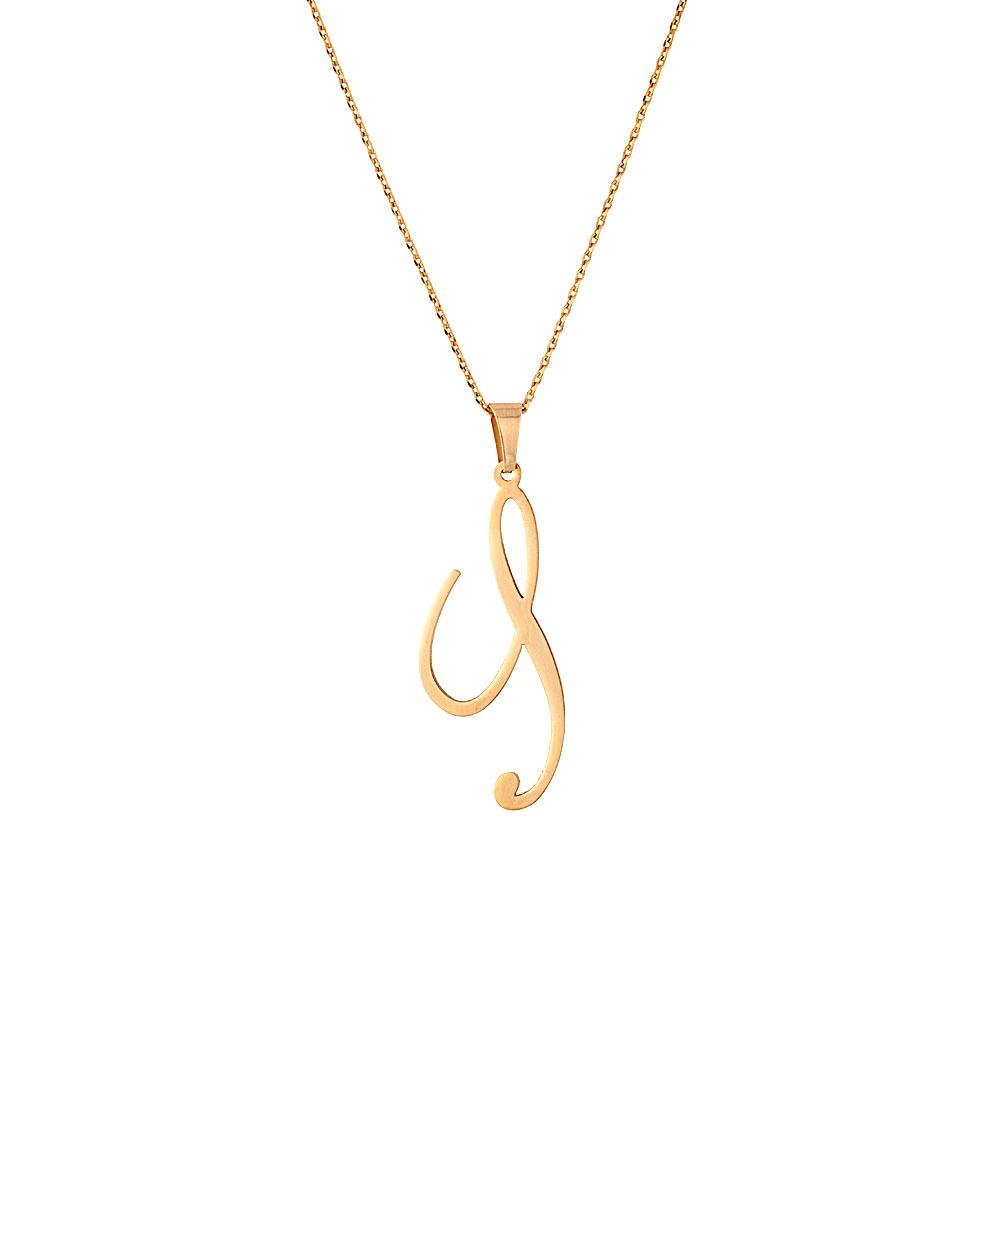 Buy stylish gold toned s shape alphabet pendant online india voylla stylish gold toned s shape alphabet pendant mozeypictures Choice Image